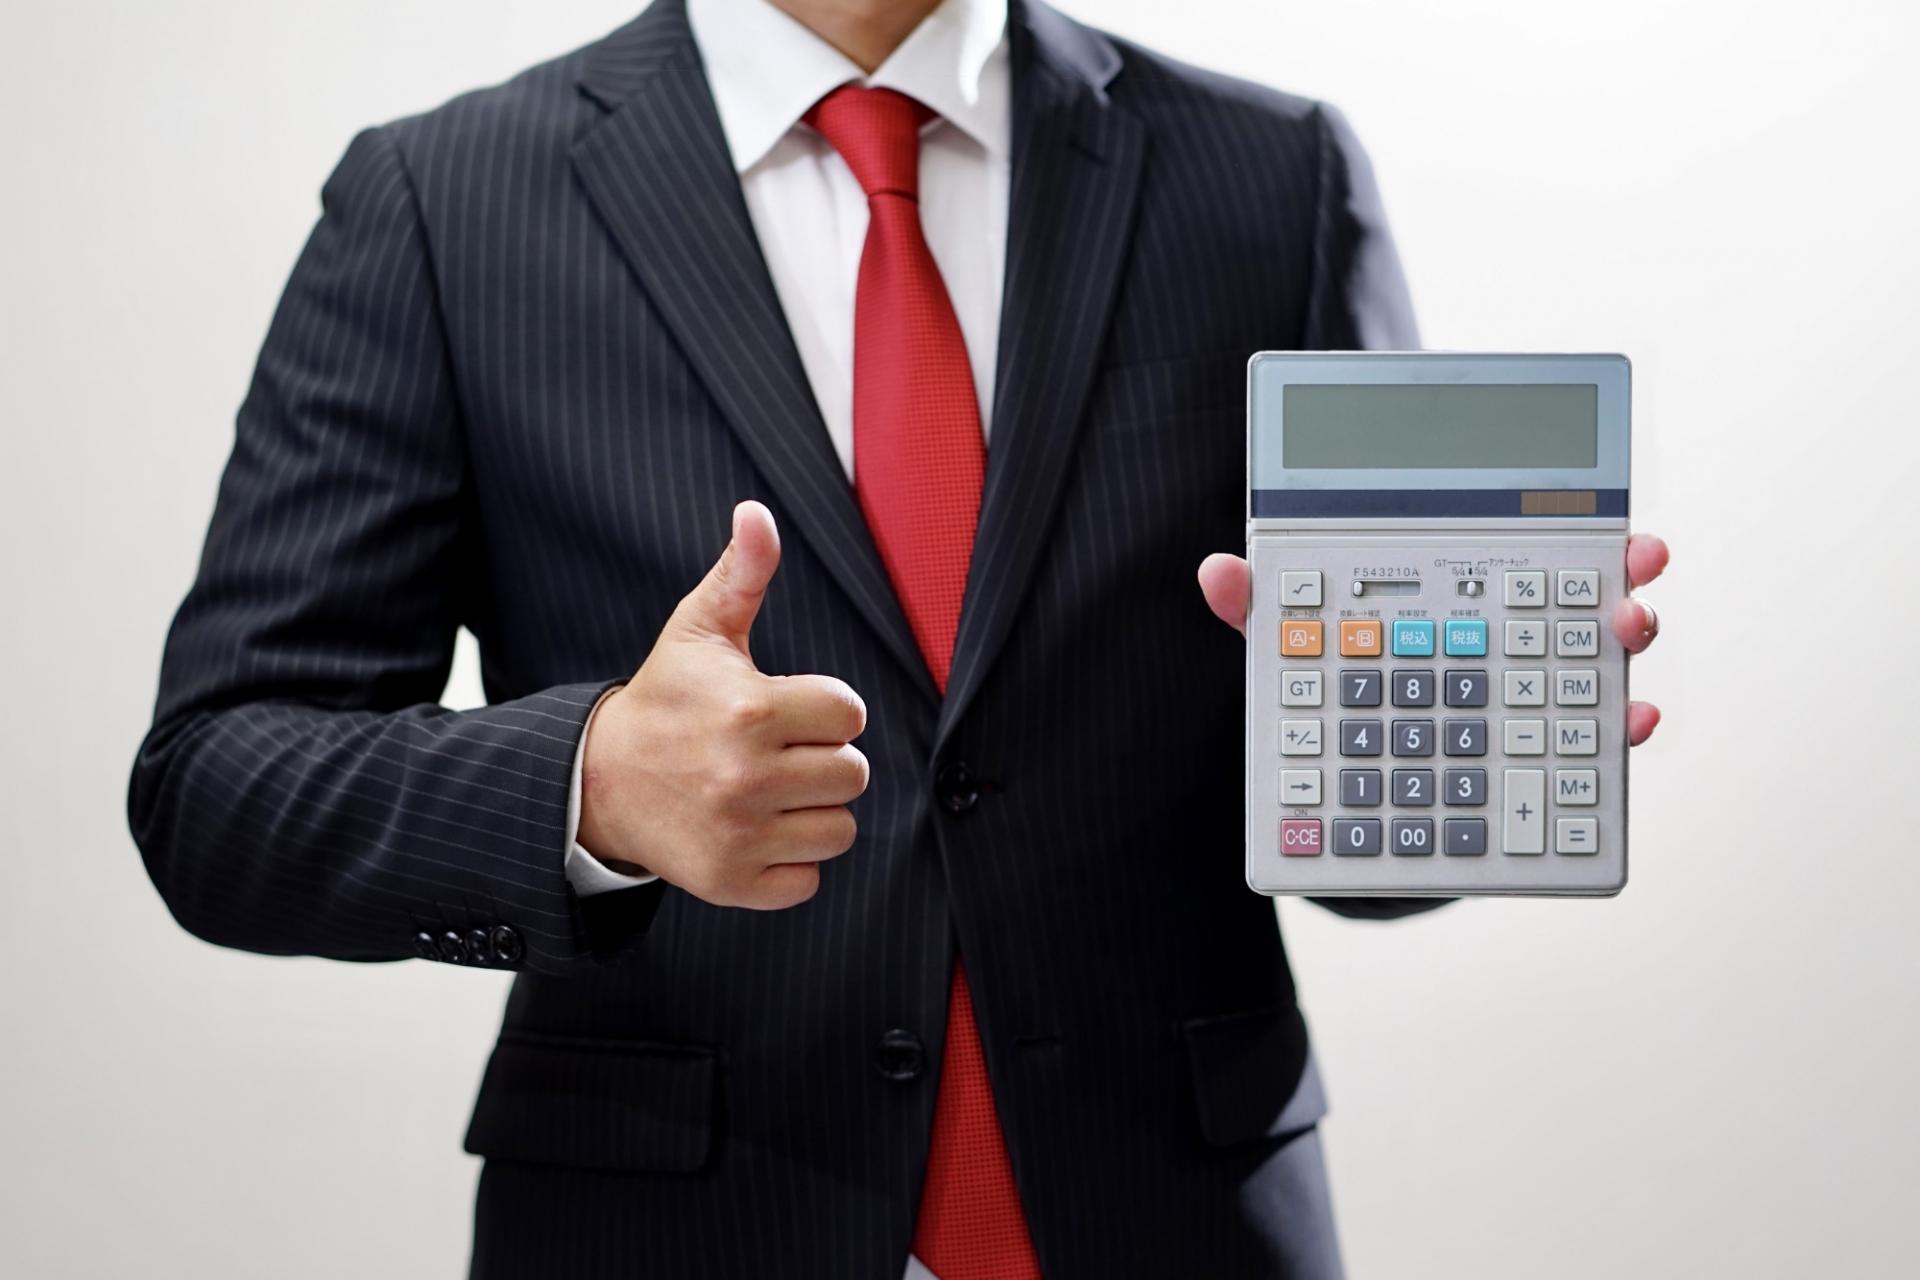 個人事業主も融資を受けられる?方法や審査について税理士が詳しく解説